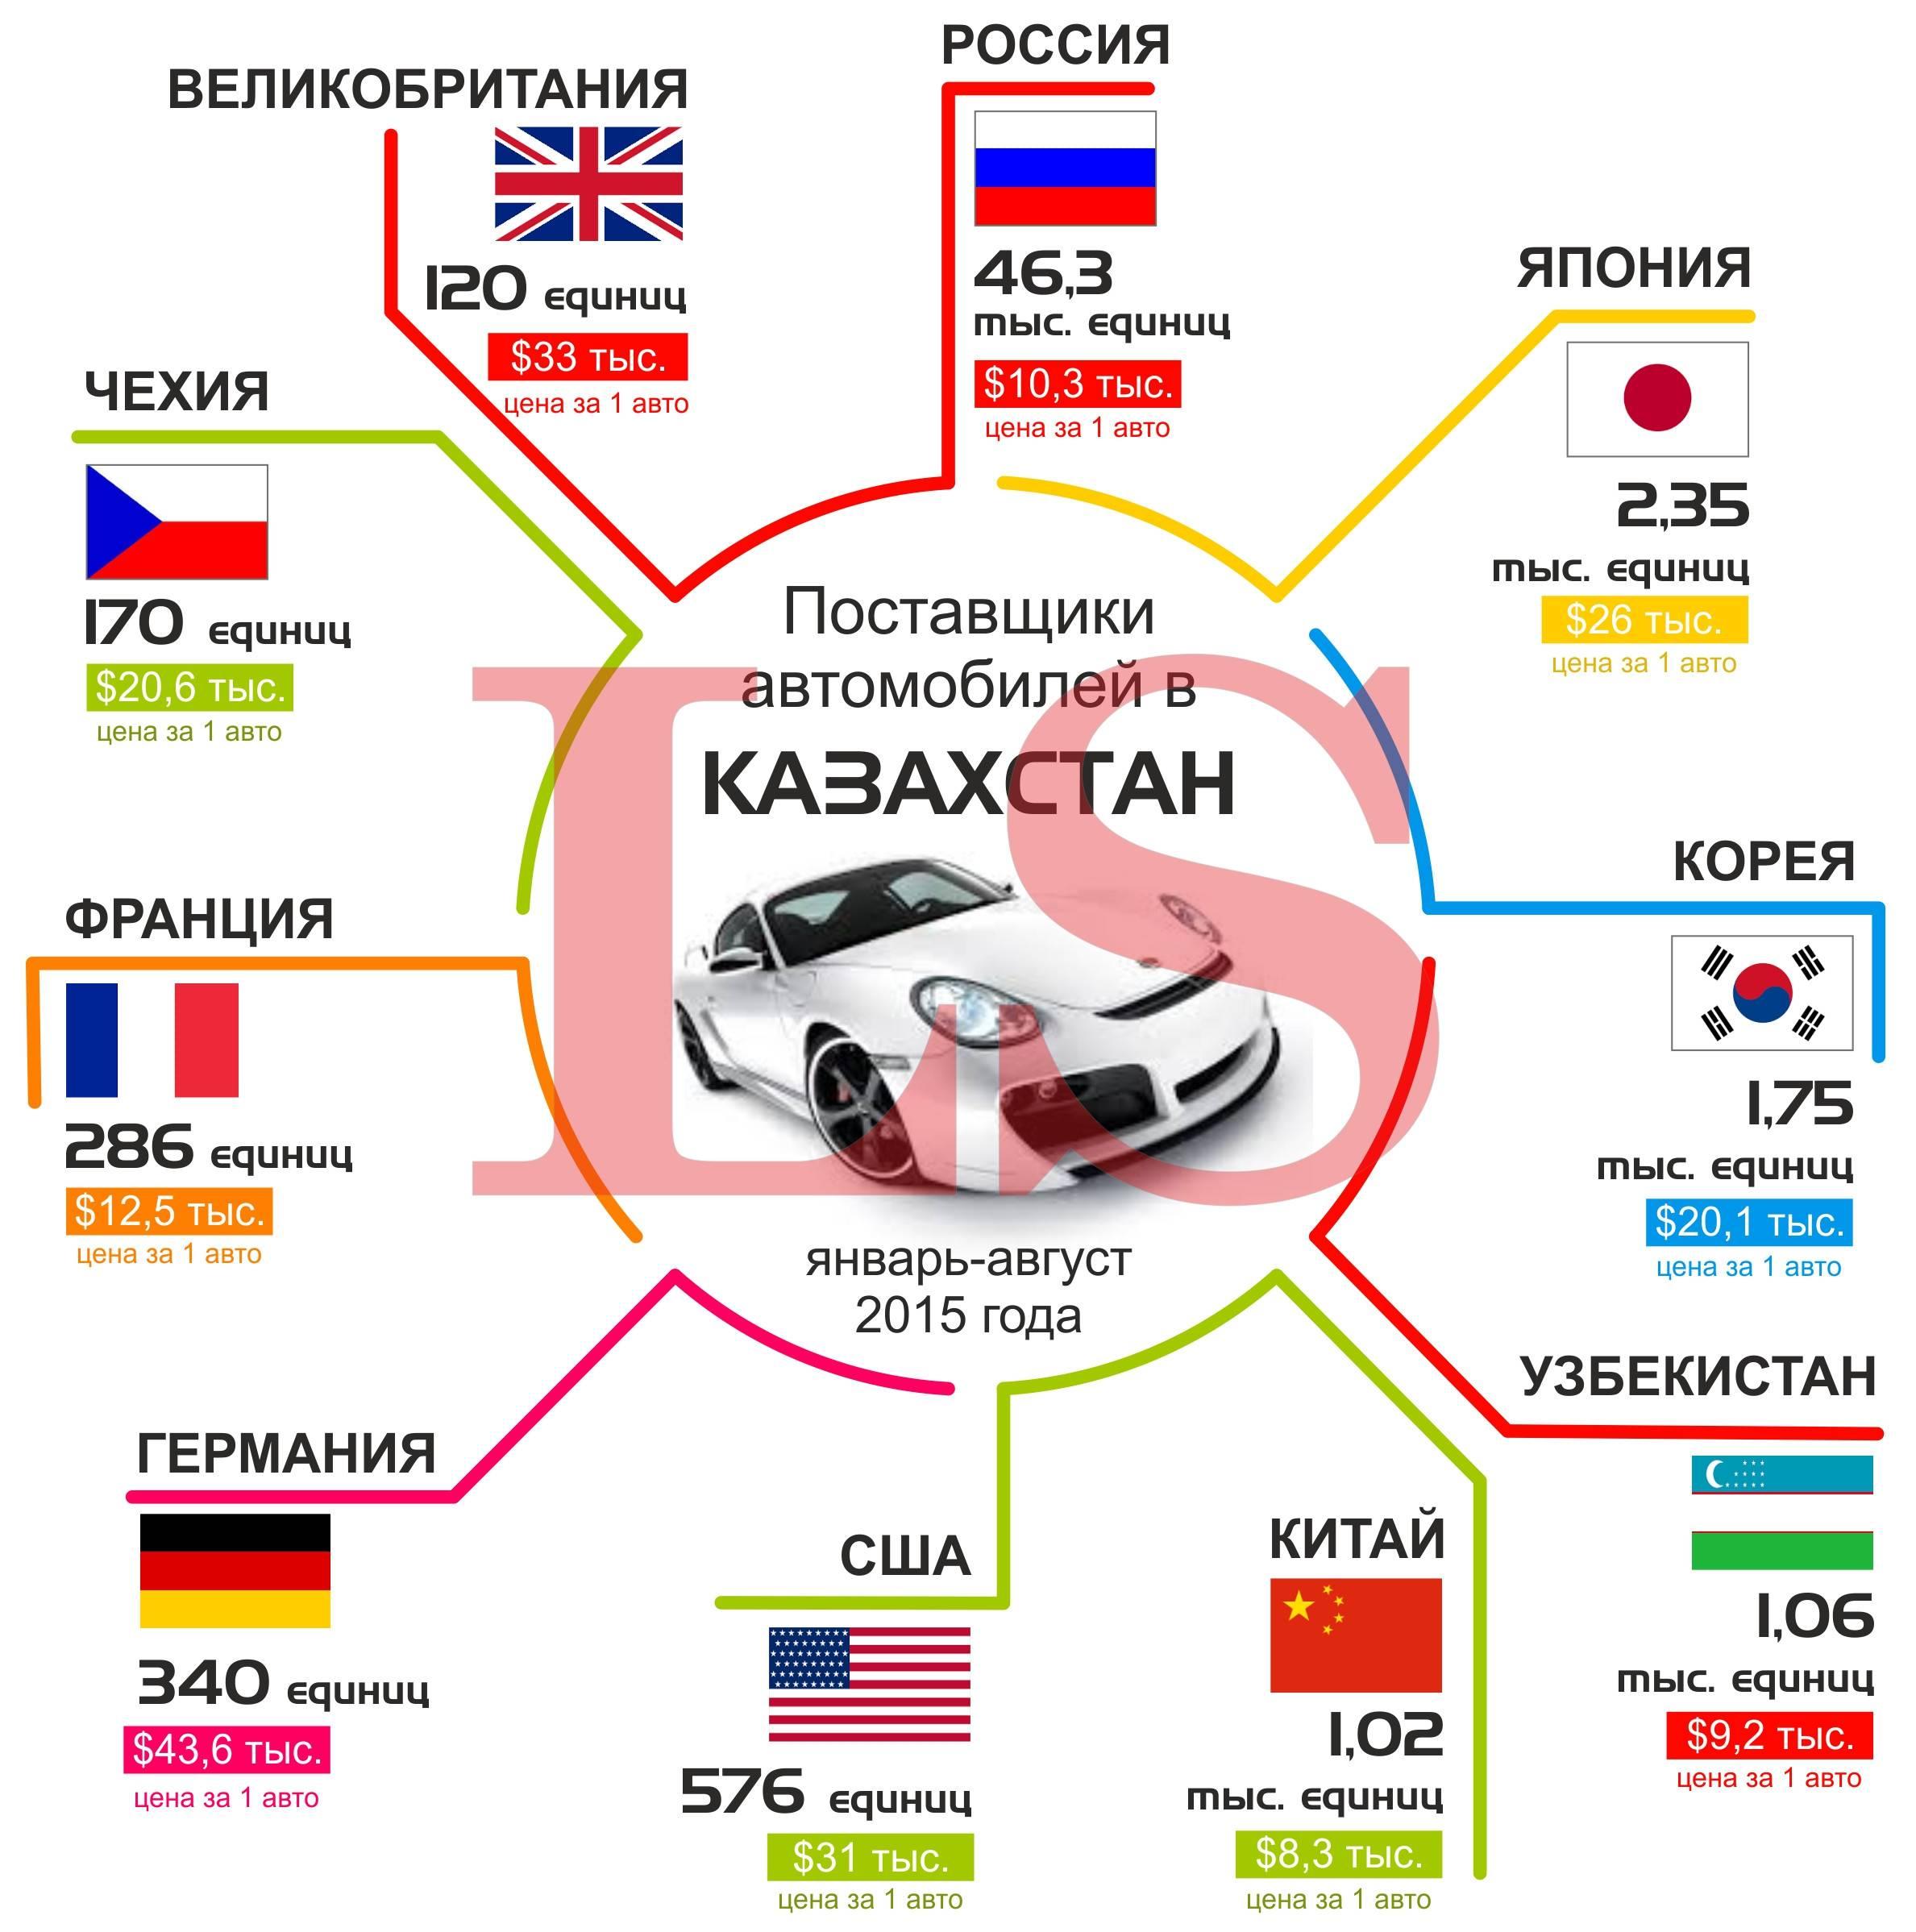 Сравнение цен на машины в России и за рубежом